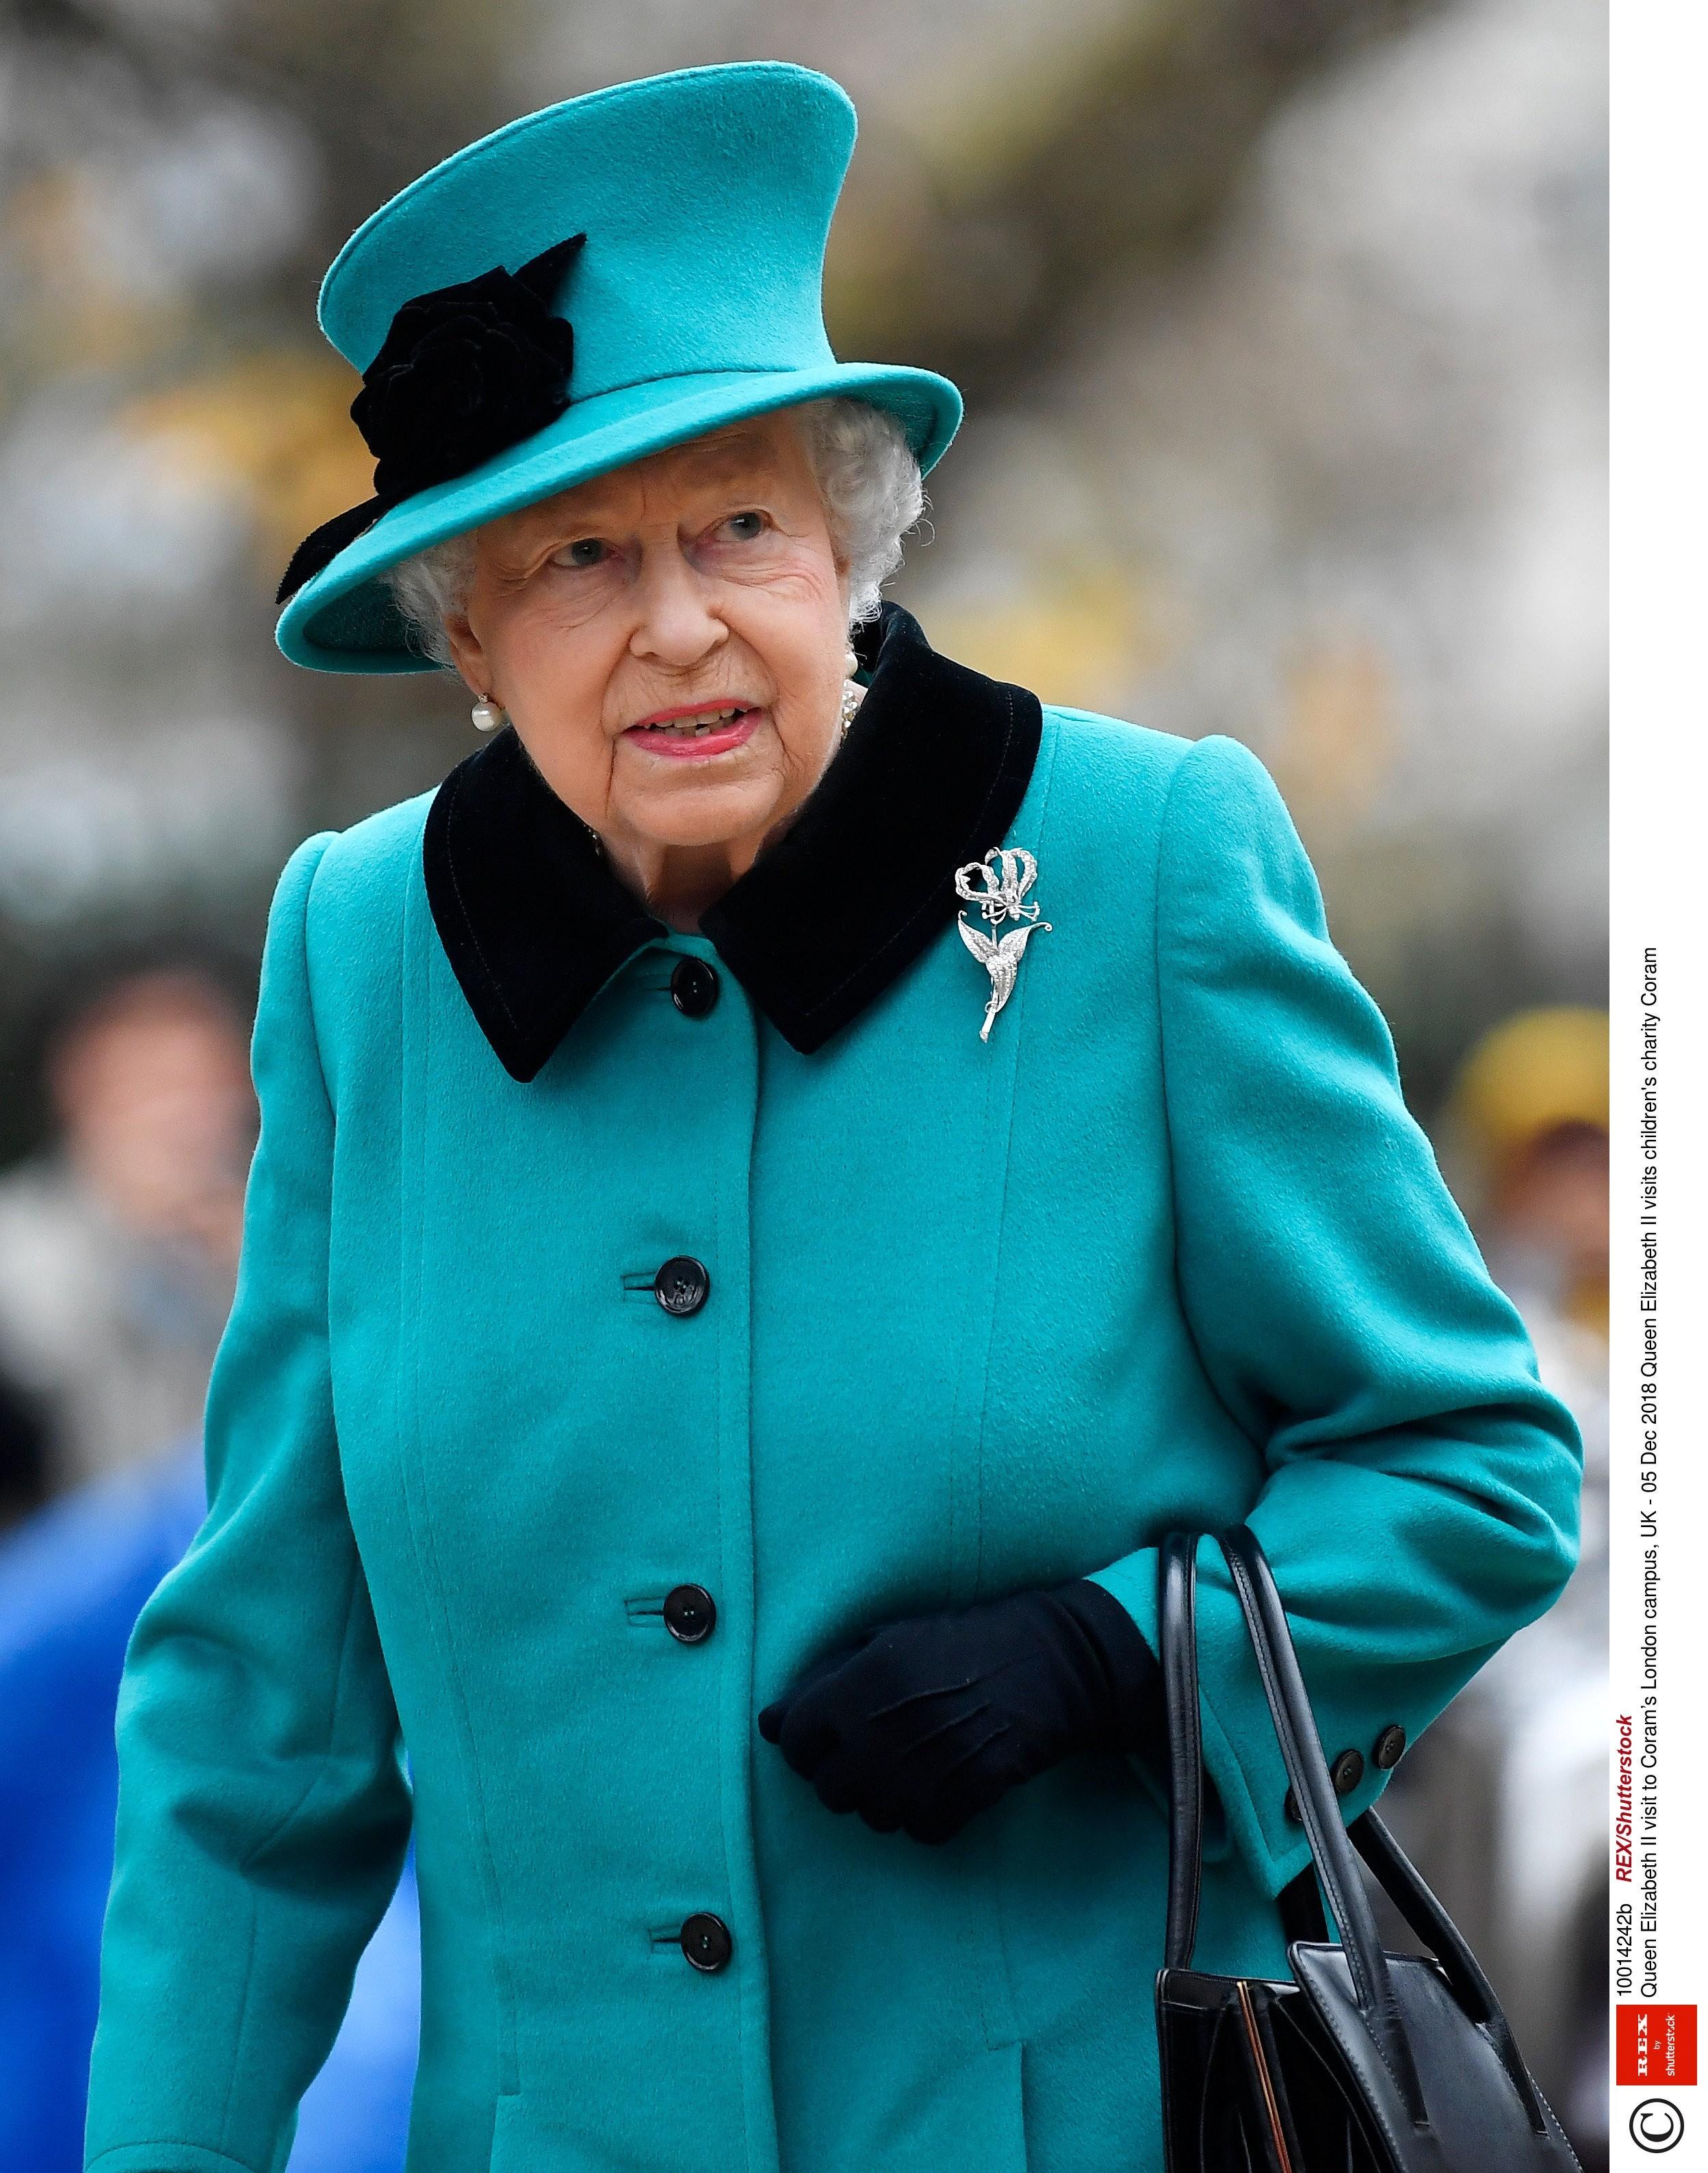 В XIV веке британским королевством правил король Эдуард III - именно он запретил монаршим особам носить шубы из натурального меха. Чем ему так не угодила эта верхняя одежда, неизвестно, н...